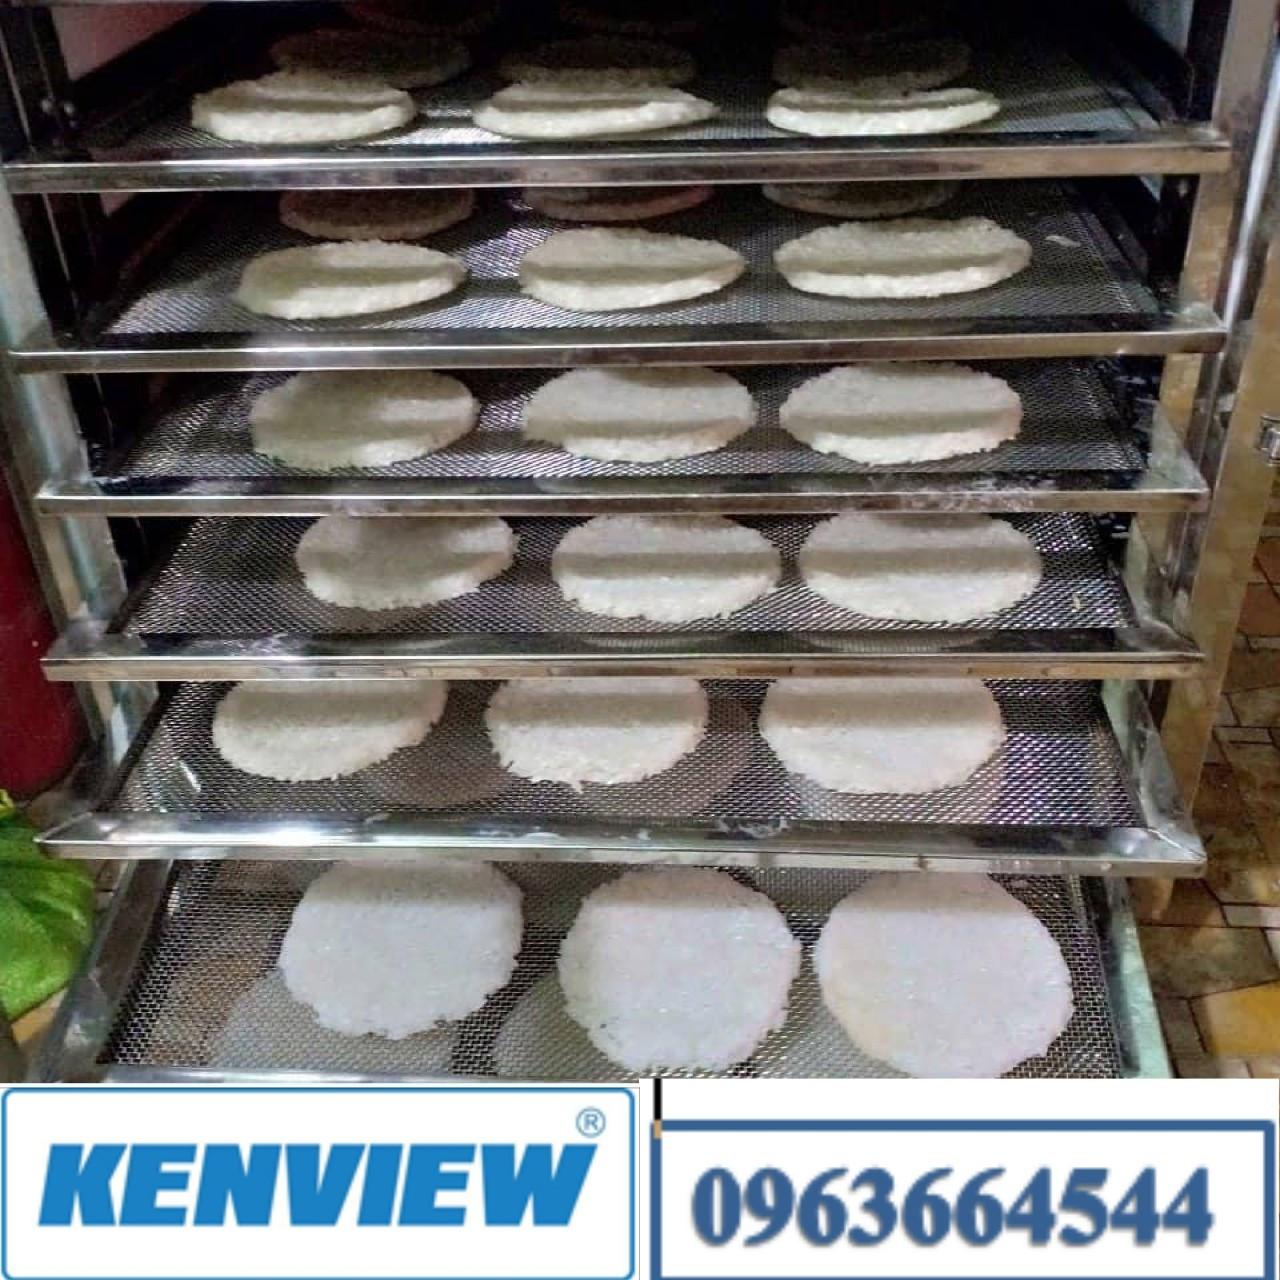 Kenview cung cấp máy sấy mứt Đồng Tháp - Máy sấy thực phẩm đa năng